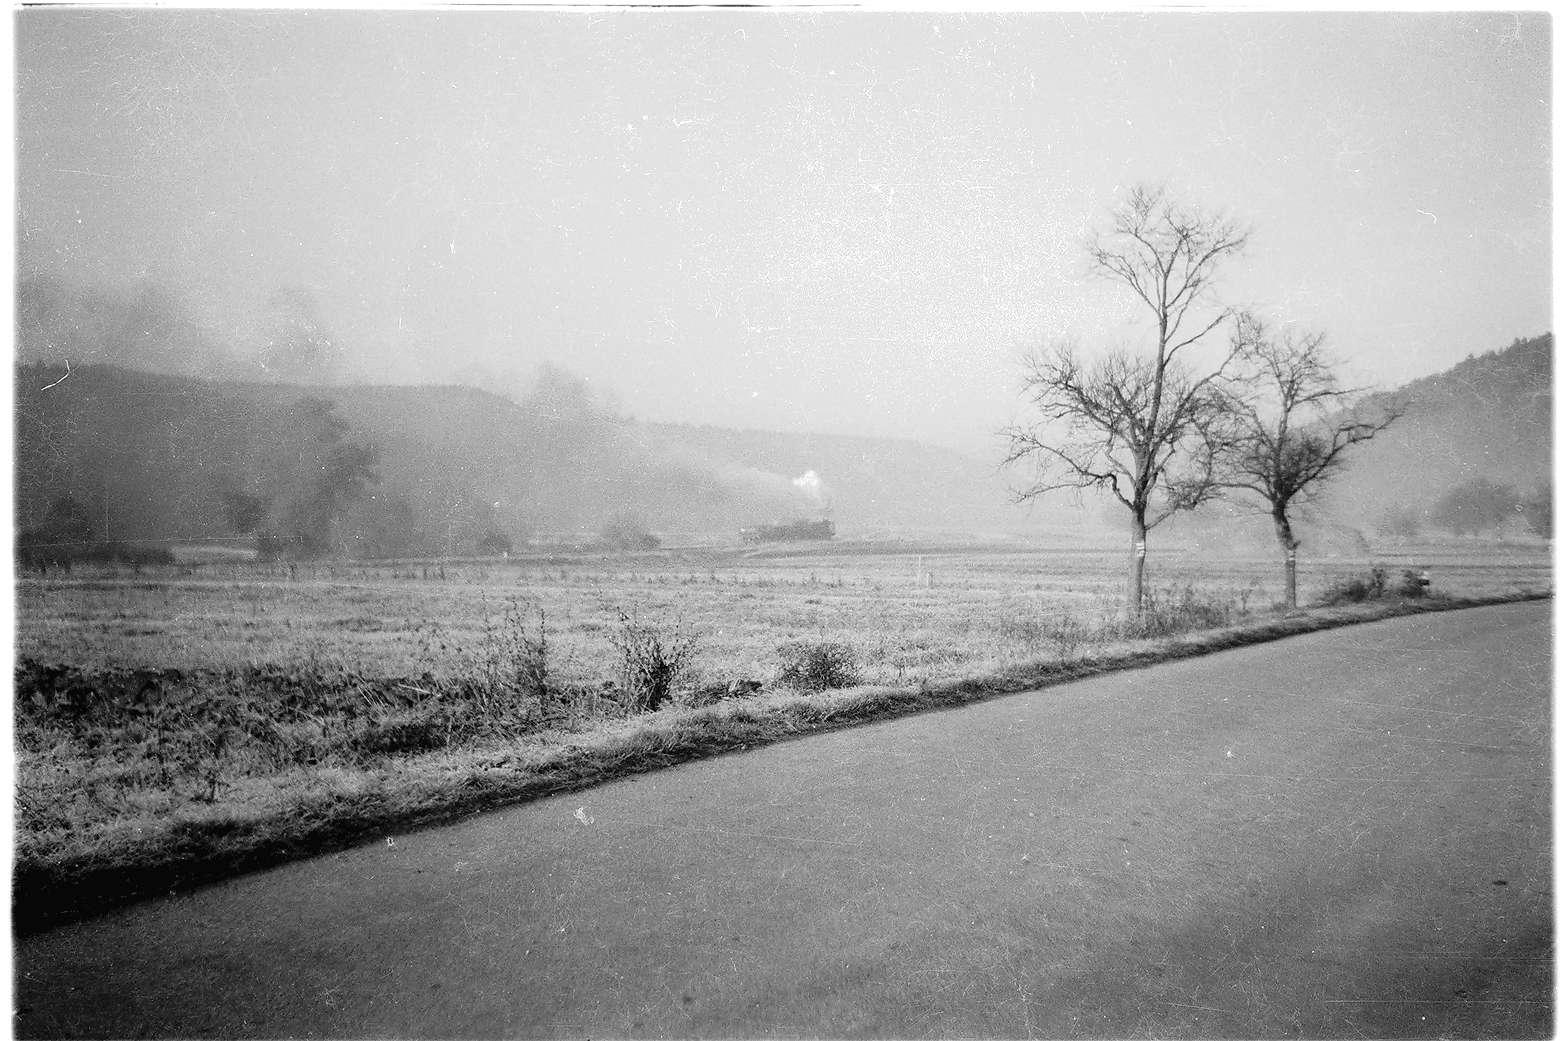 Dampflok 21, Starzeltal zwischen Rangendingen und Stein, Bild 1